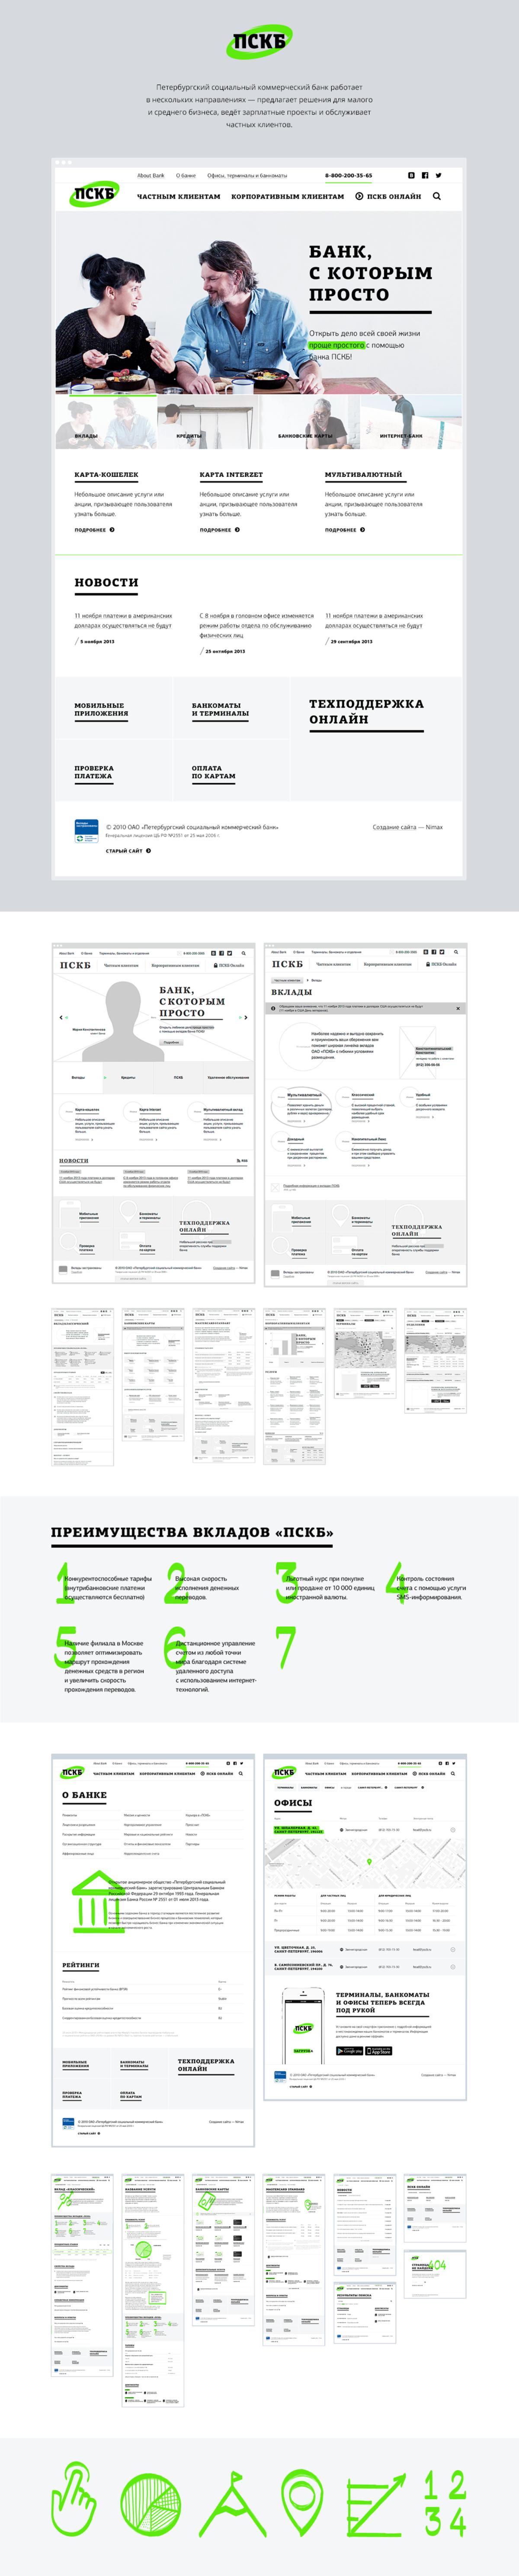 Разработка нового сайта для банка «ПСКБ». / Проект компании Nimax